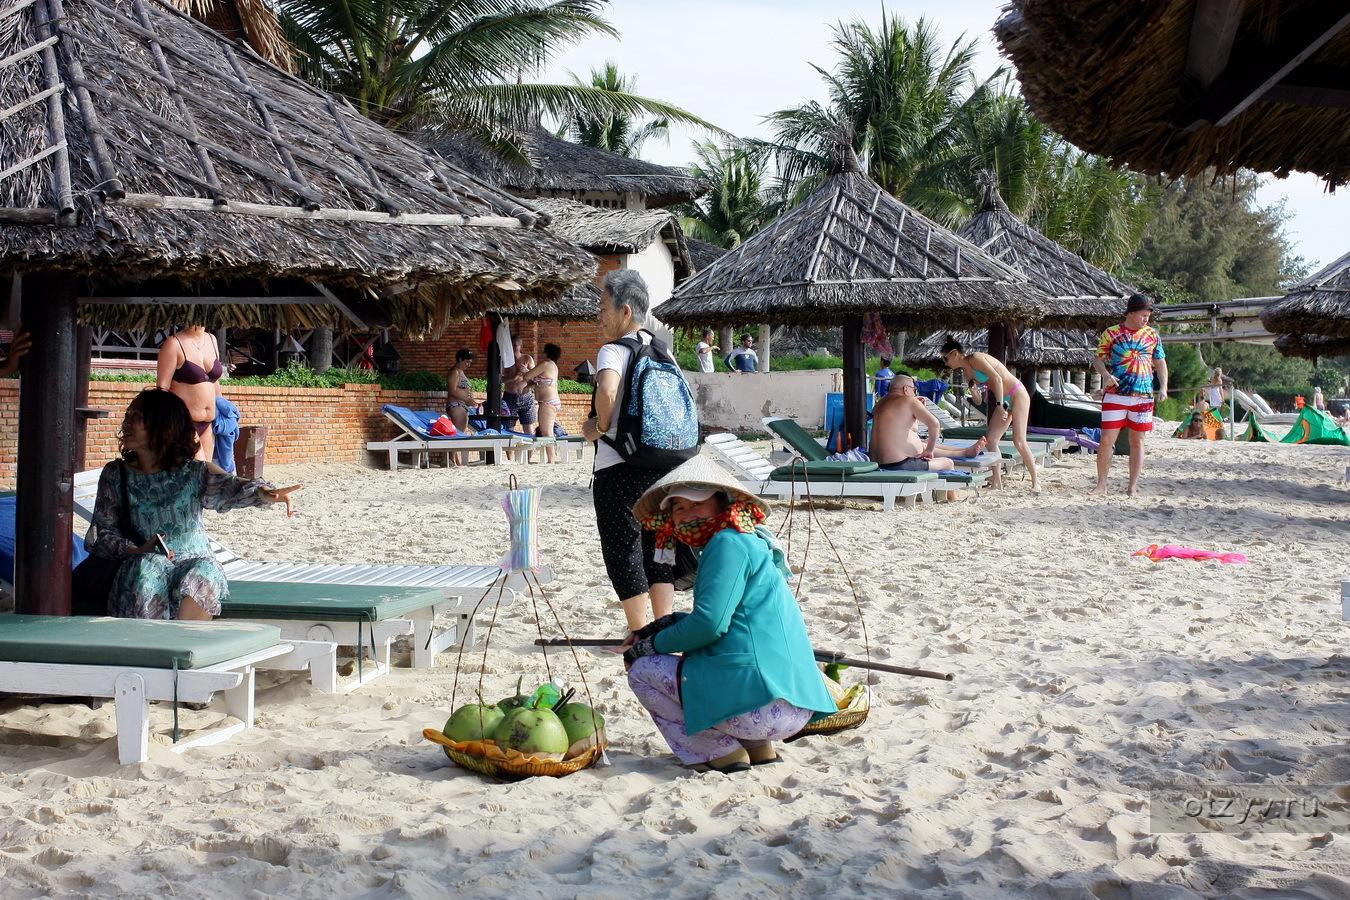 изучив рекомендации, фотографии туристов во вьетнаме этой